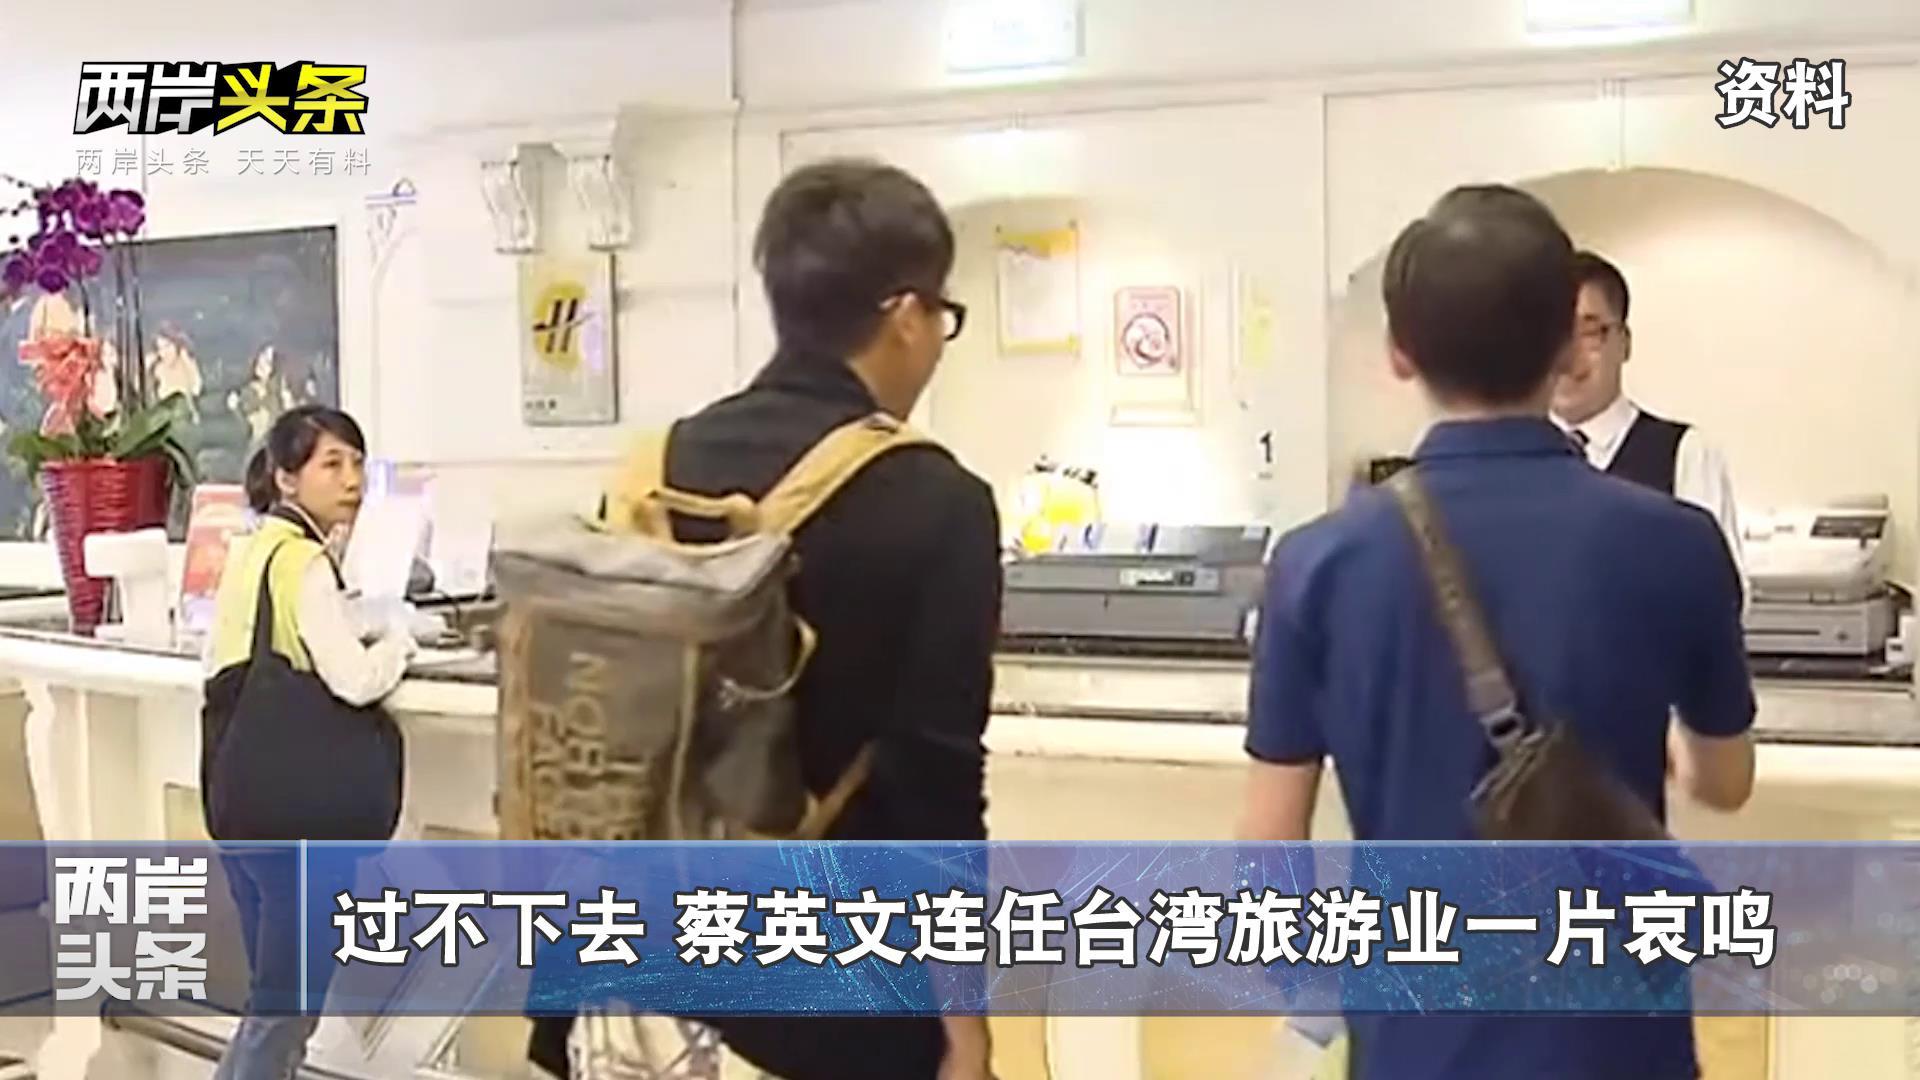 蔡英文連任但旅遊業者卻哀鳴 臺灣去年稅收超預算部分創五年新低